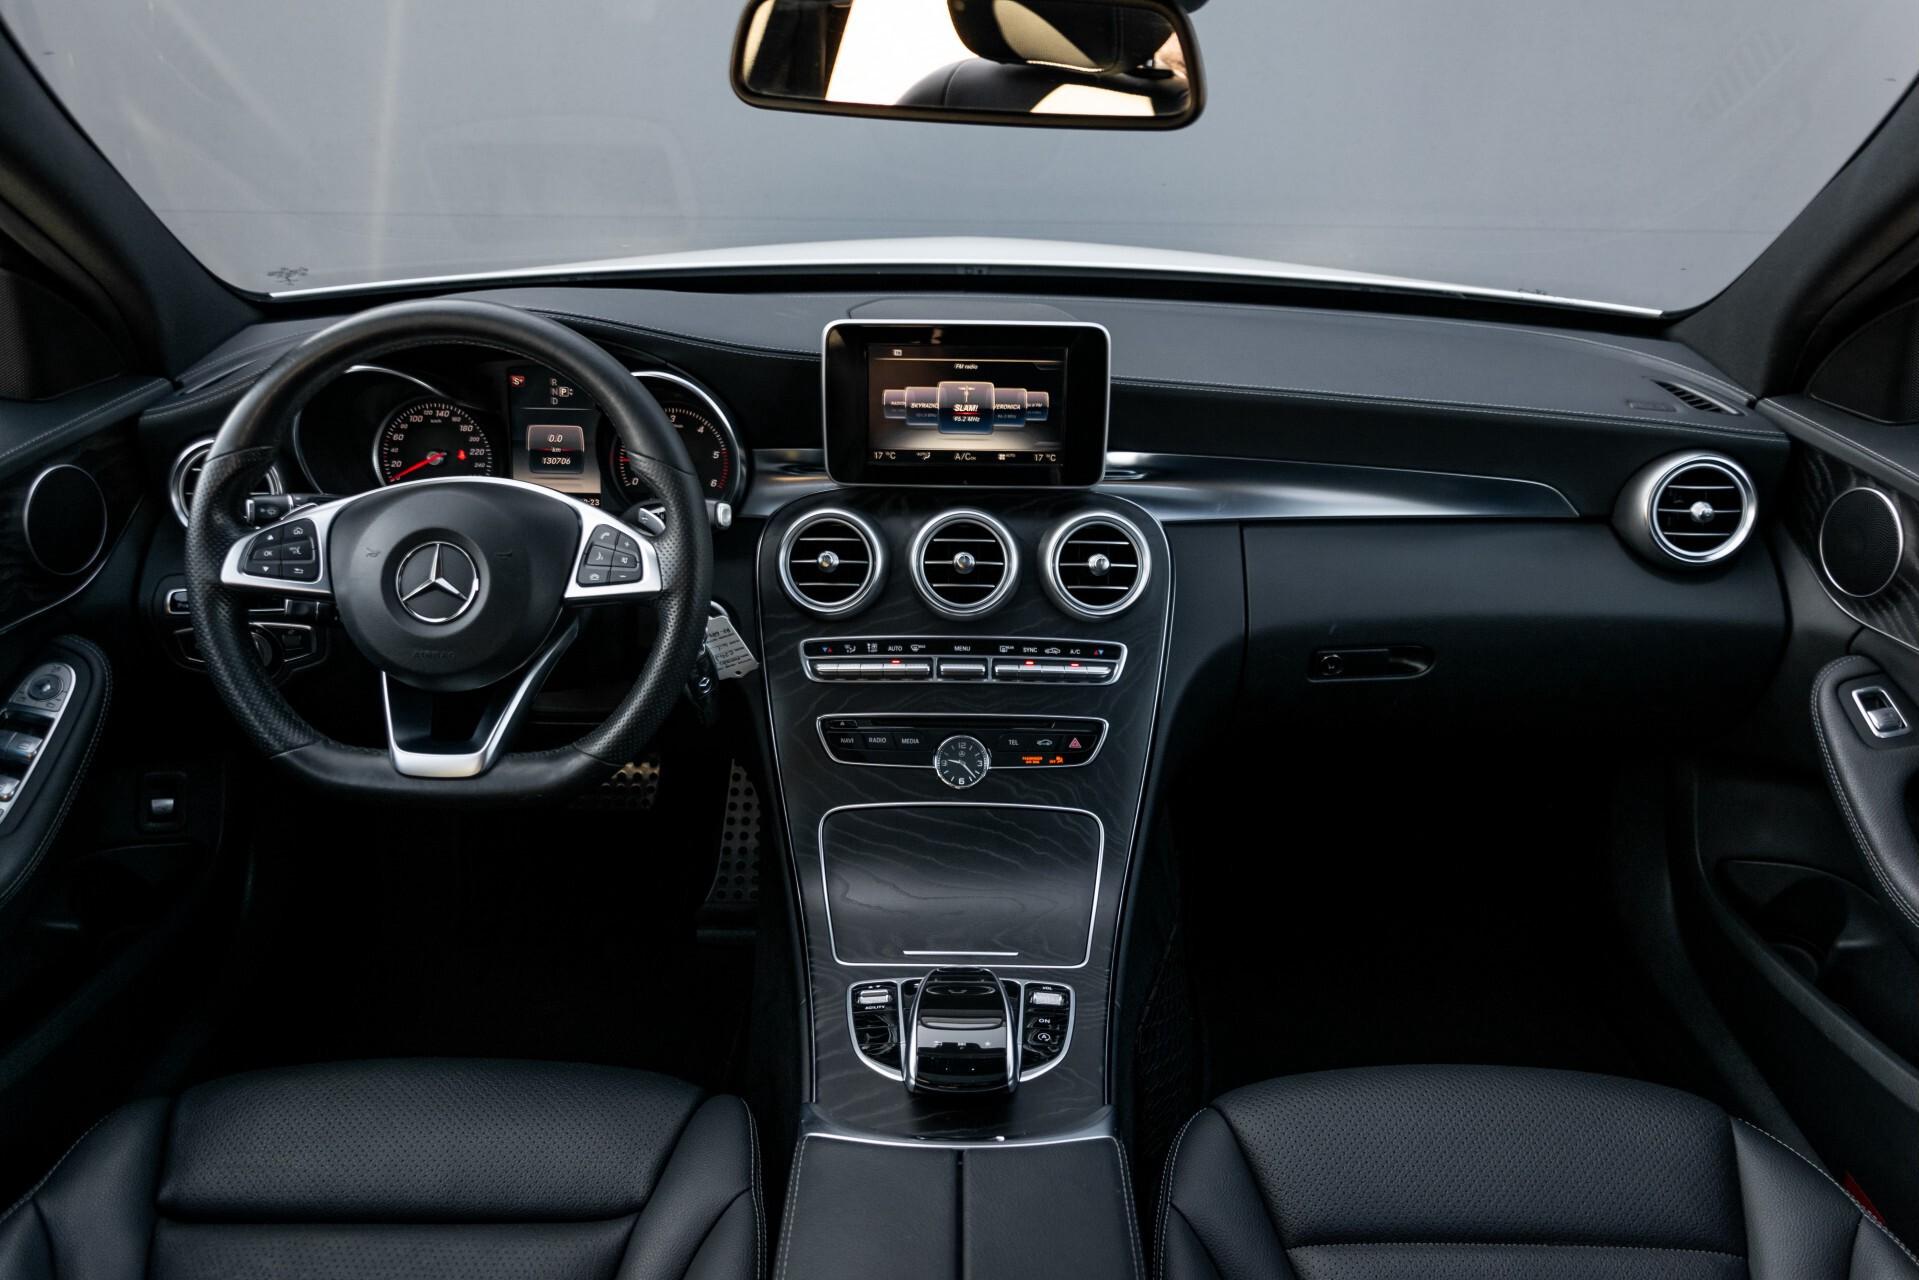 Mercedes-Benz C-Klasse Estate 220 Bluetec AMG Panorama/HUD/Memory Aut7 Foto 8